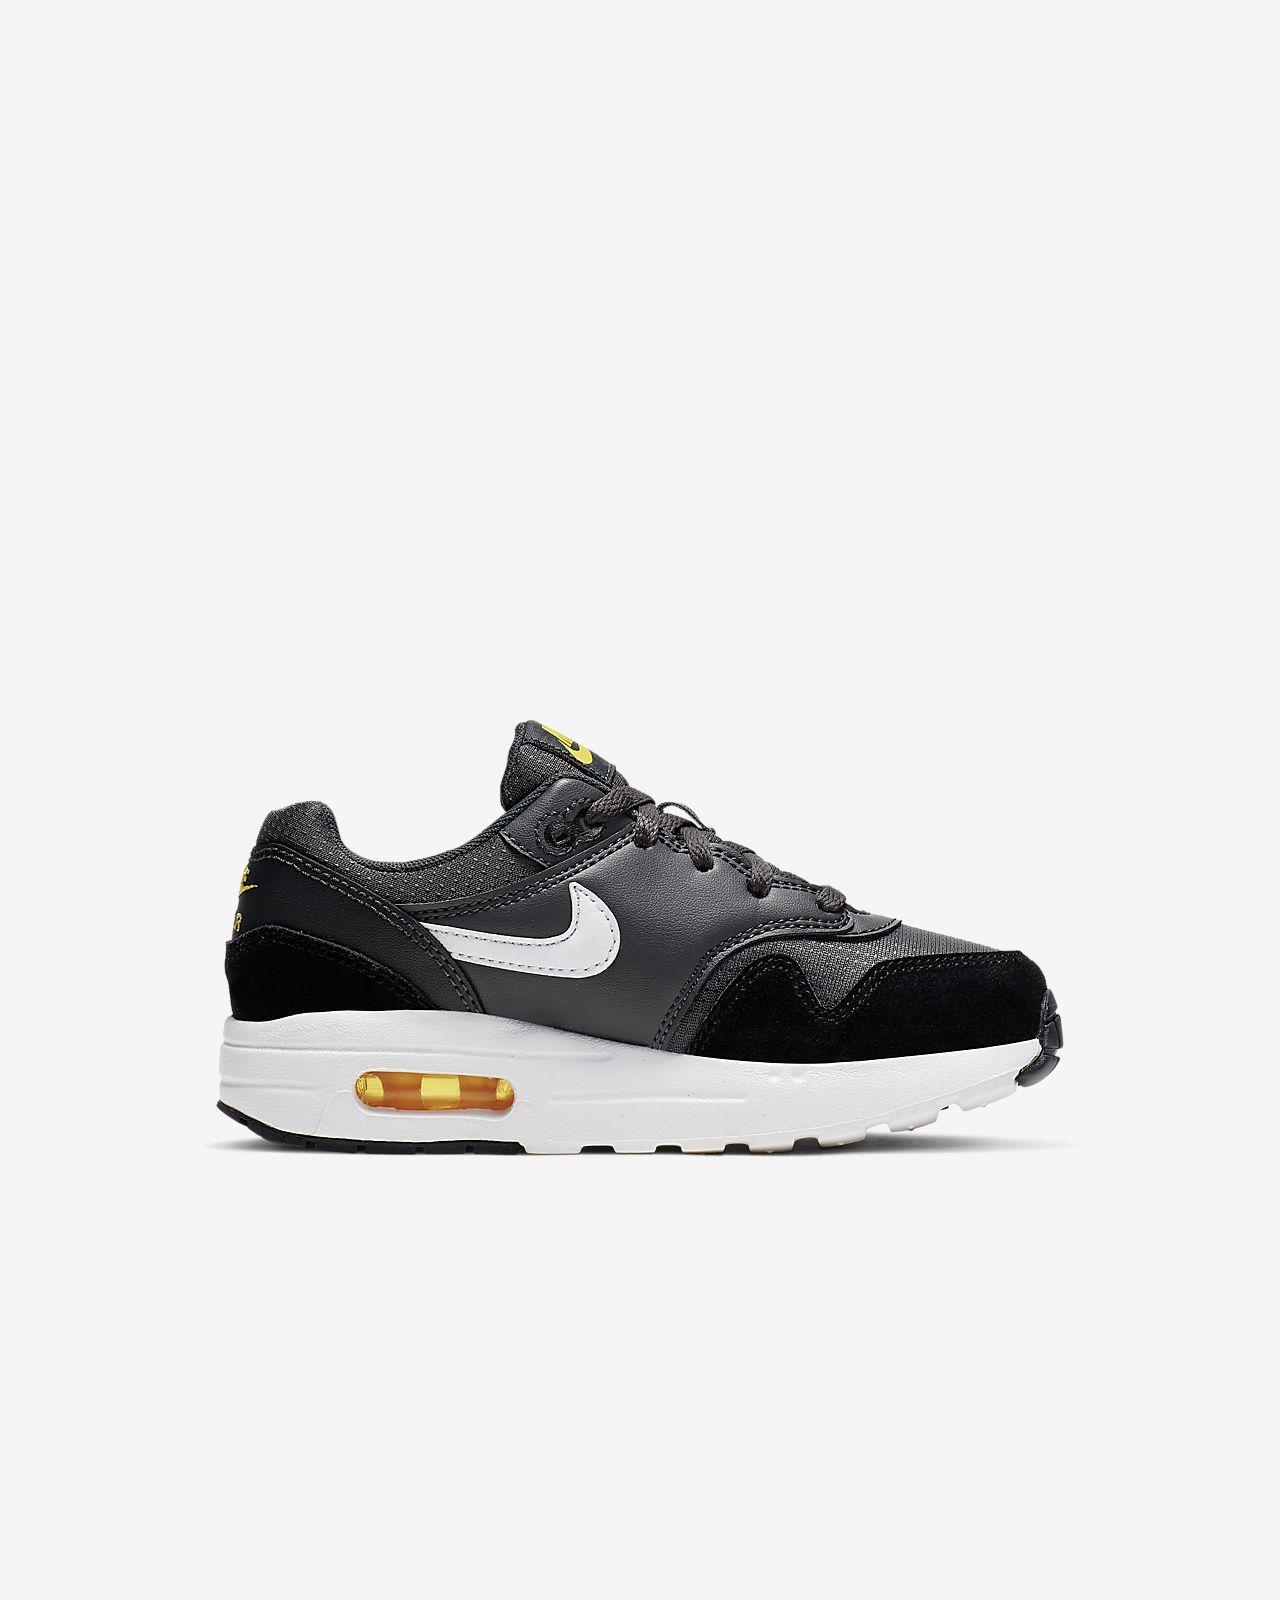 competitive price 3fe57 ec541 ... Chaussure Nike Air Max 1 pour Jeune enfant